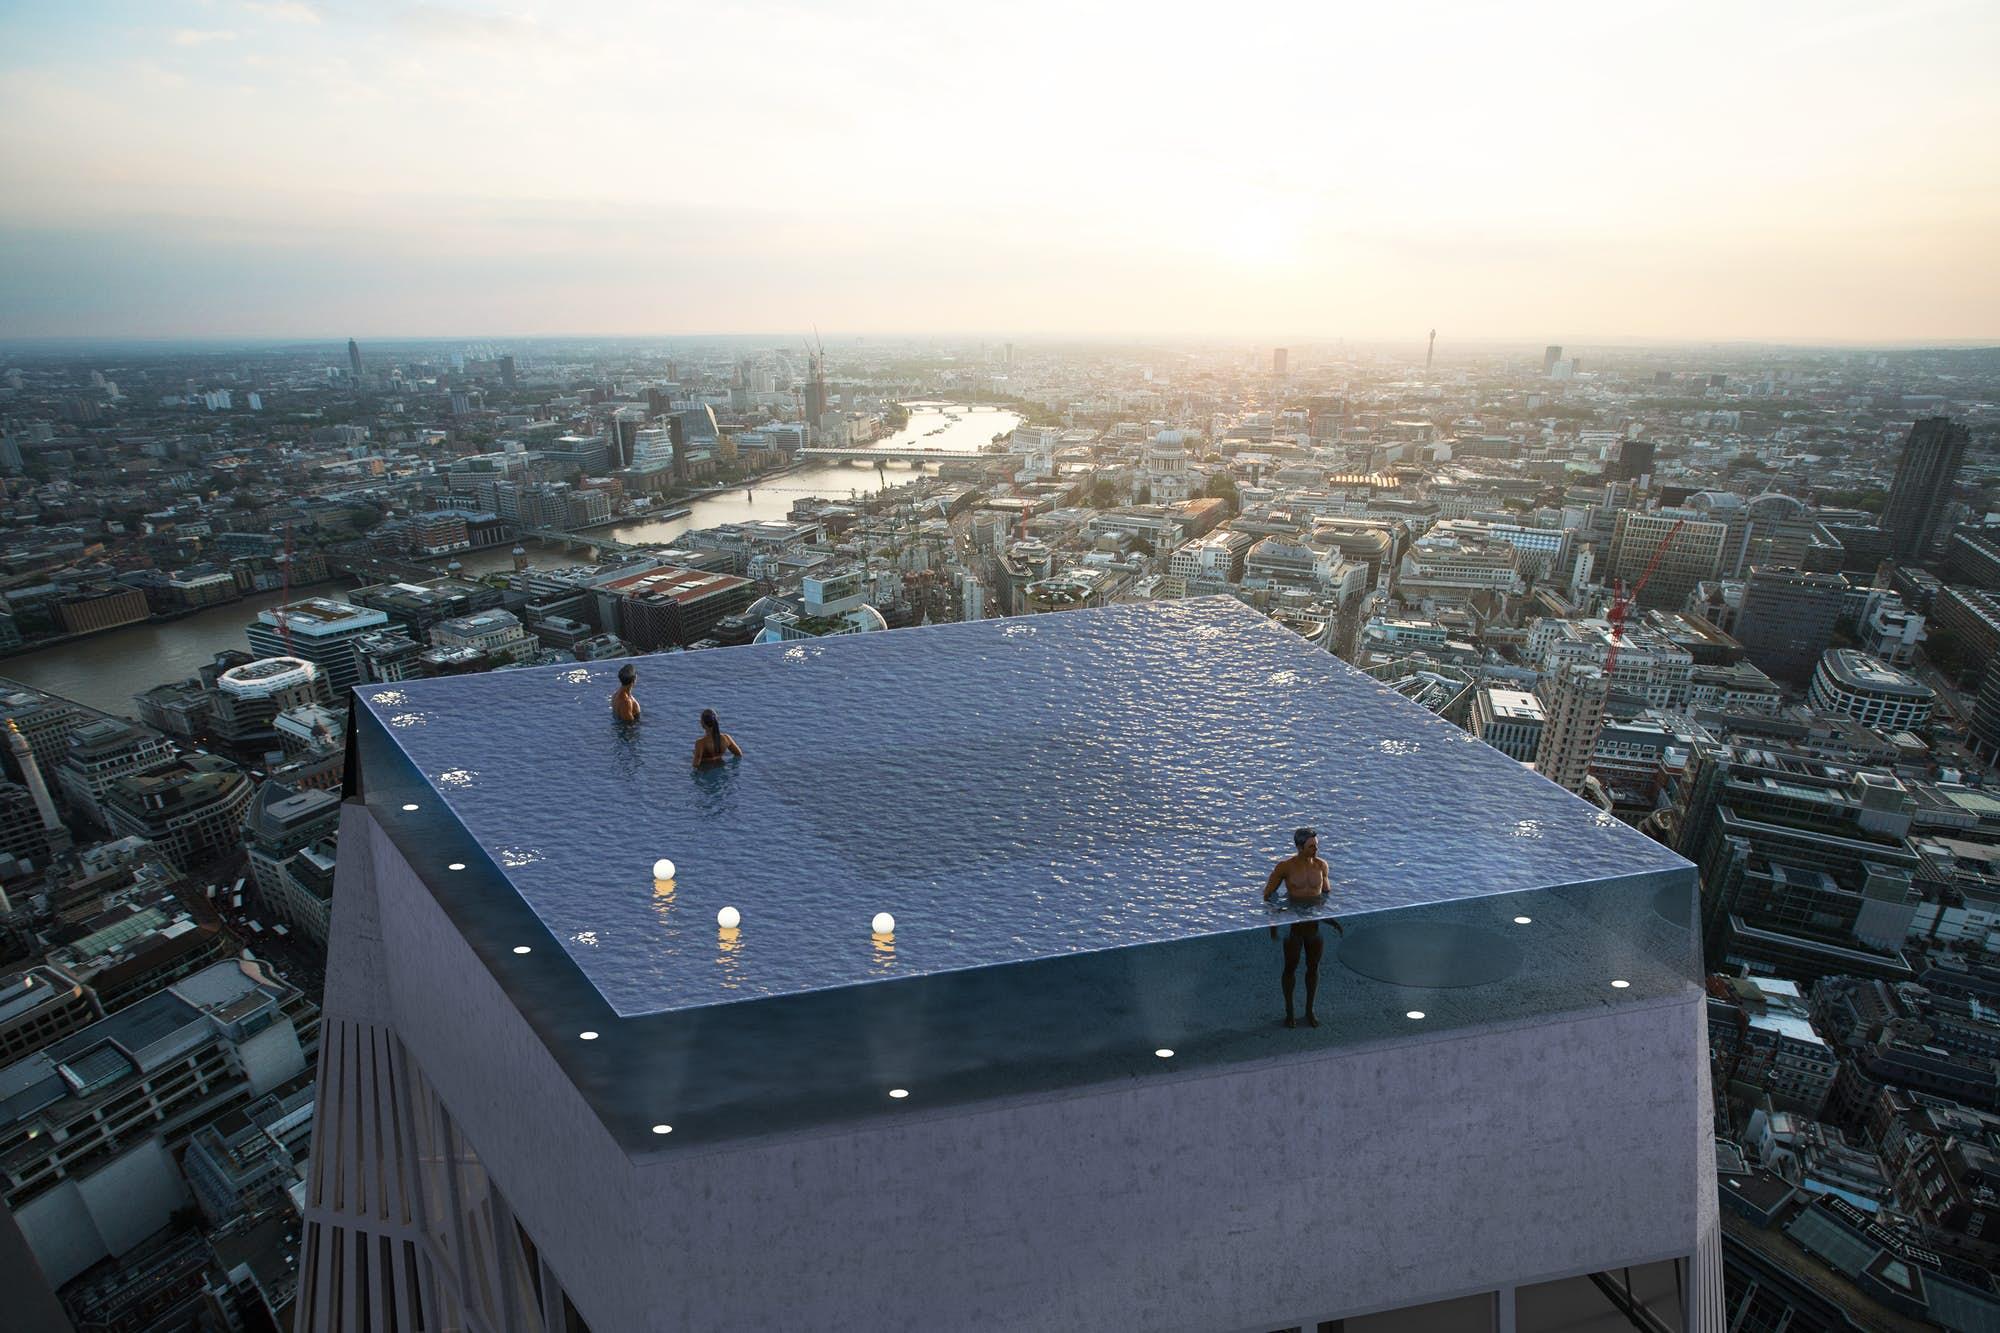 全球首座360度全景屋顶无边泳池将落户伦敦